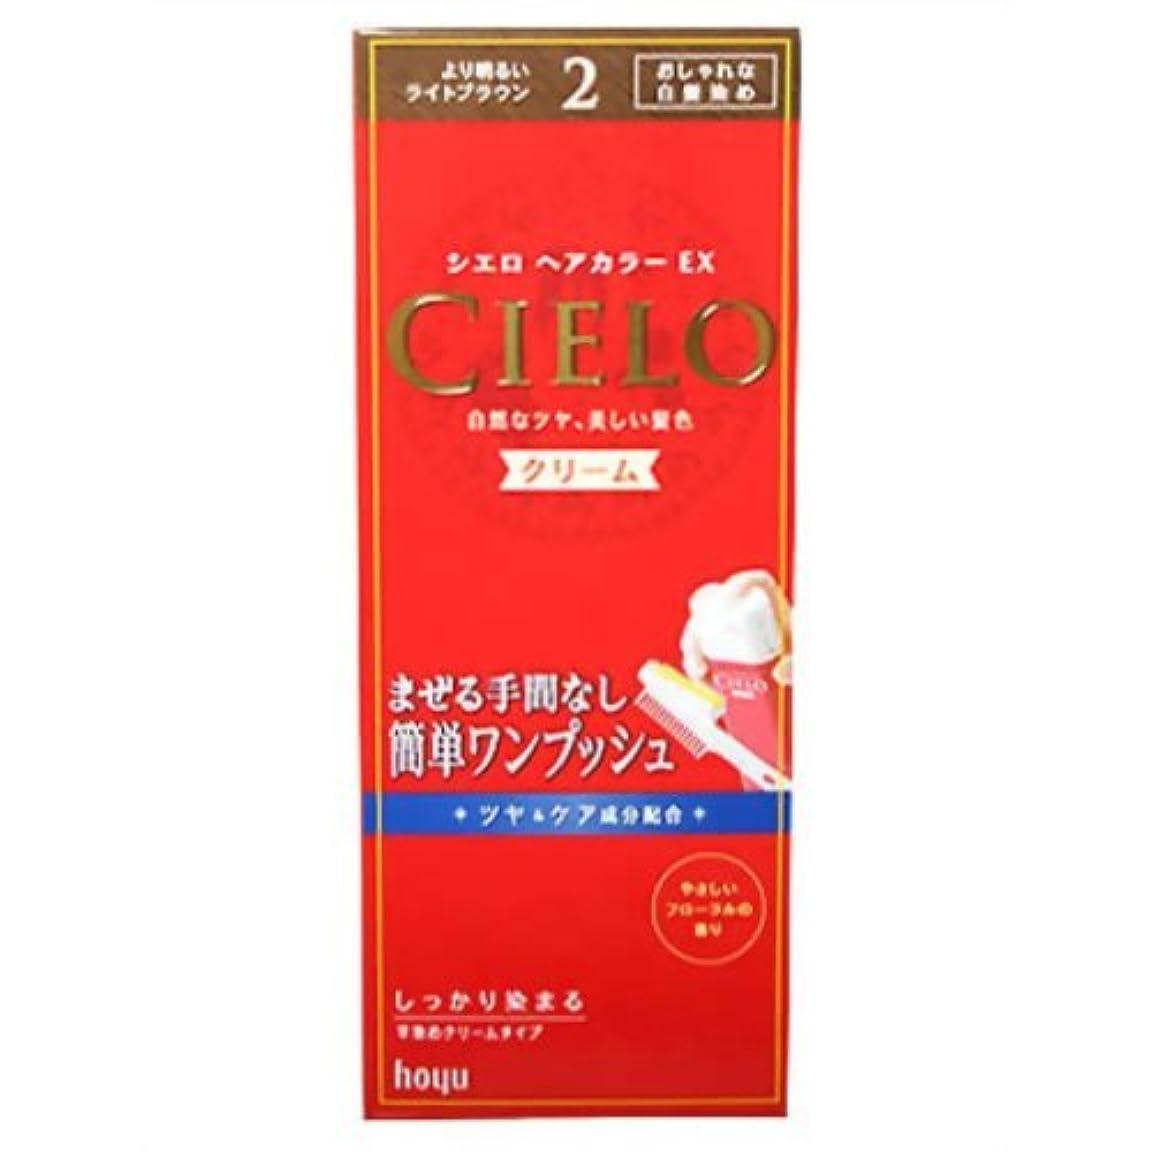 シエロ ヘアカラーEX クリーム2 (より明るいライトブラウン)